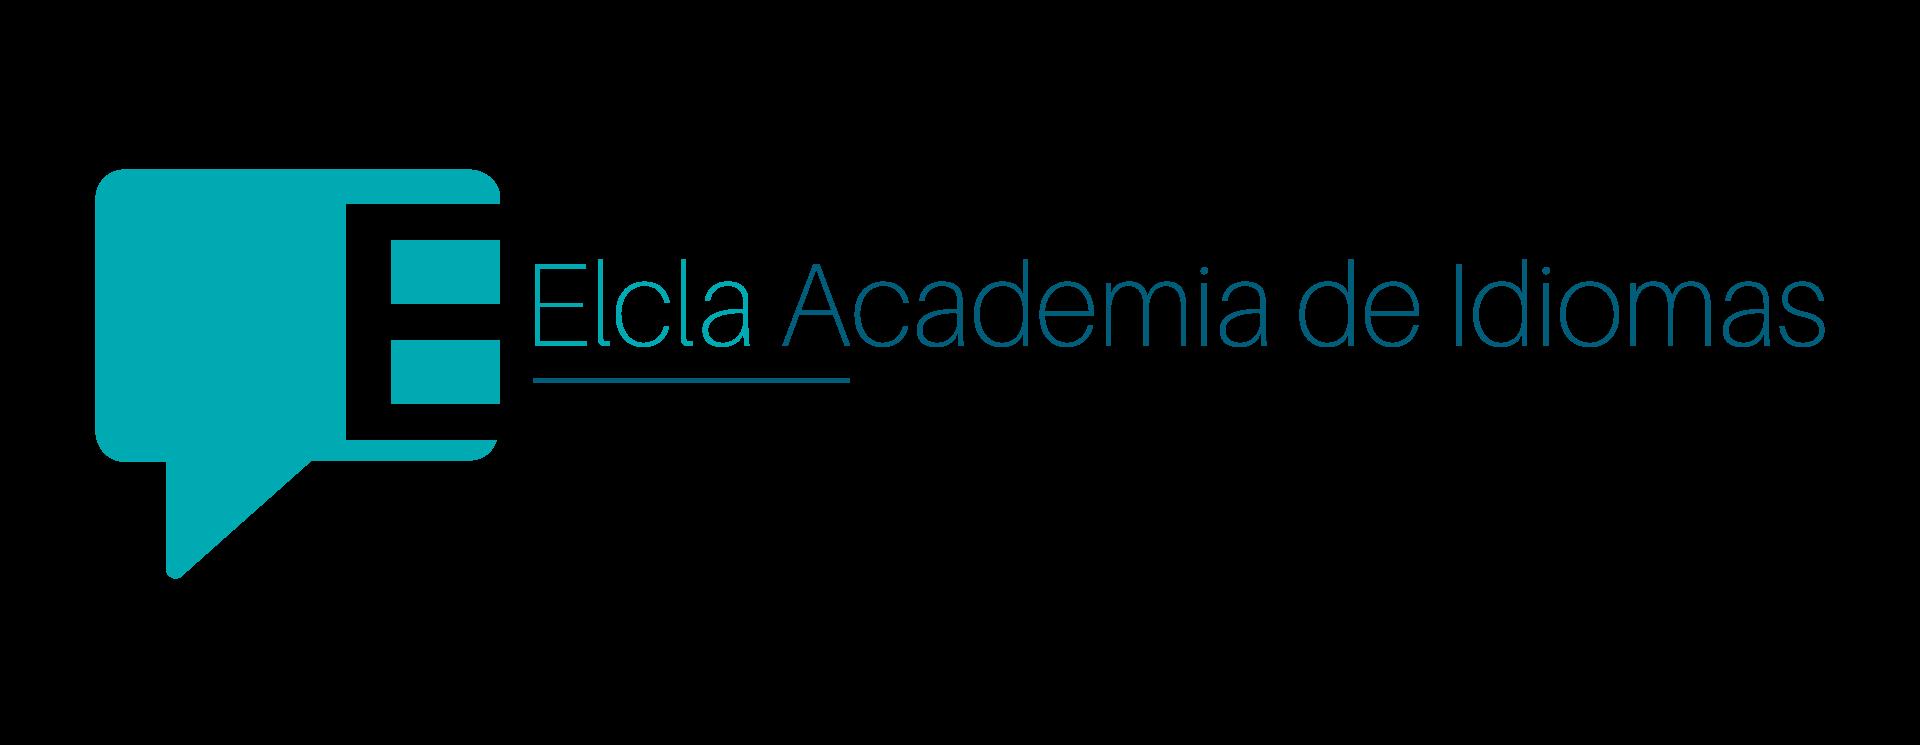 Elcla-Logo-new-web-01